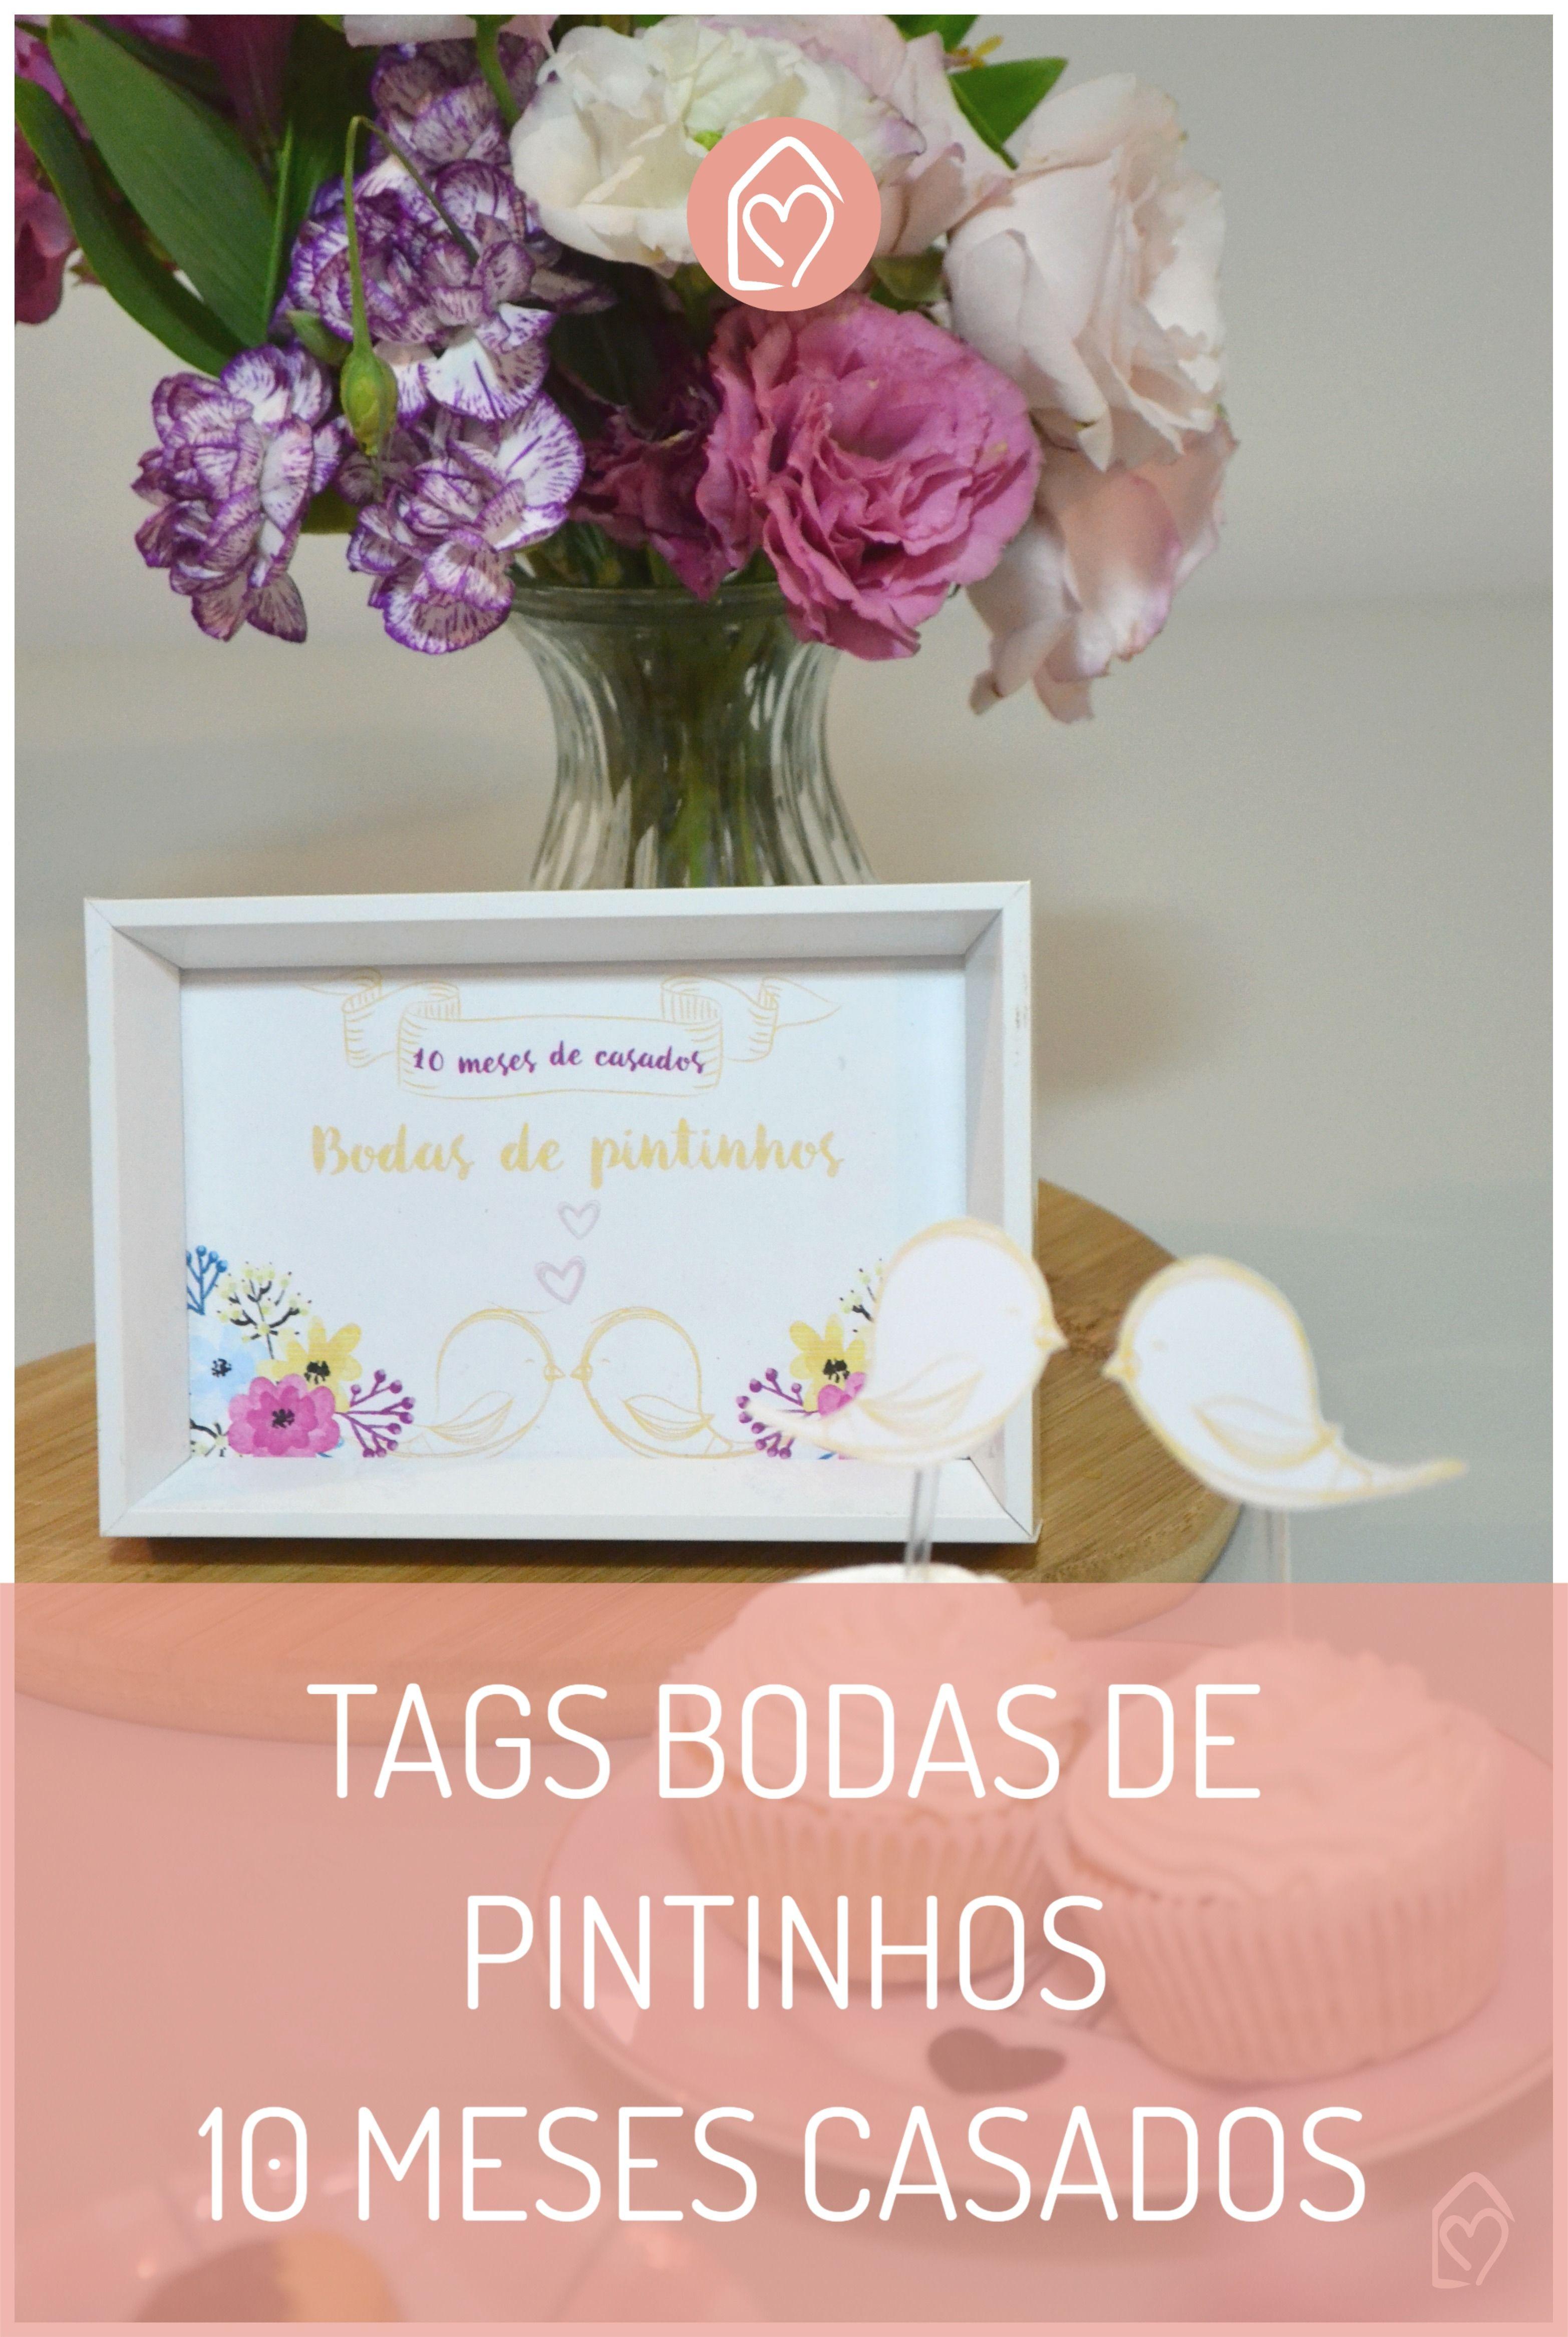 Download Bodas De Pintinhos Pintinhos Bodas E Casamento